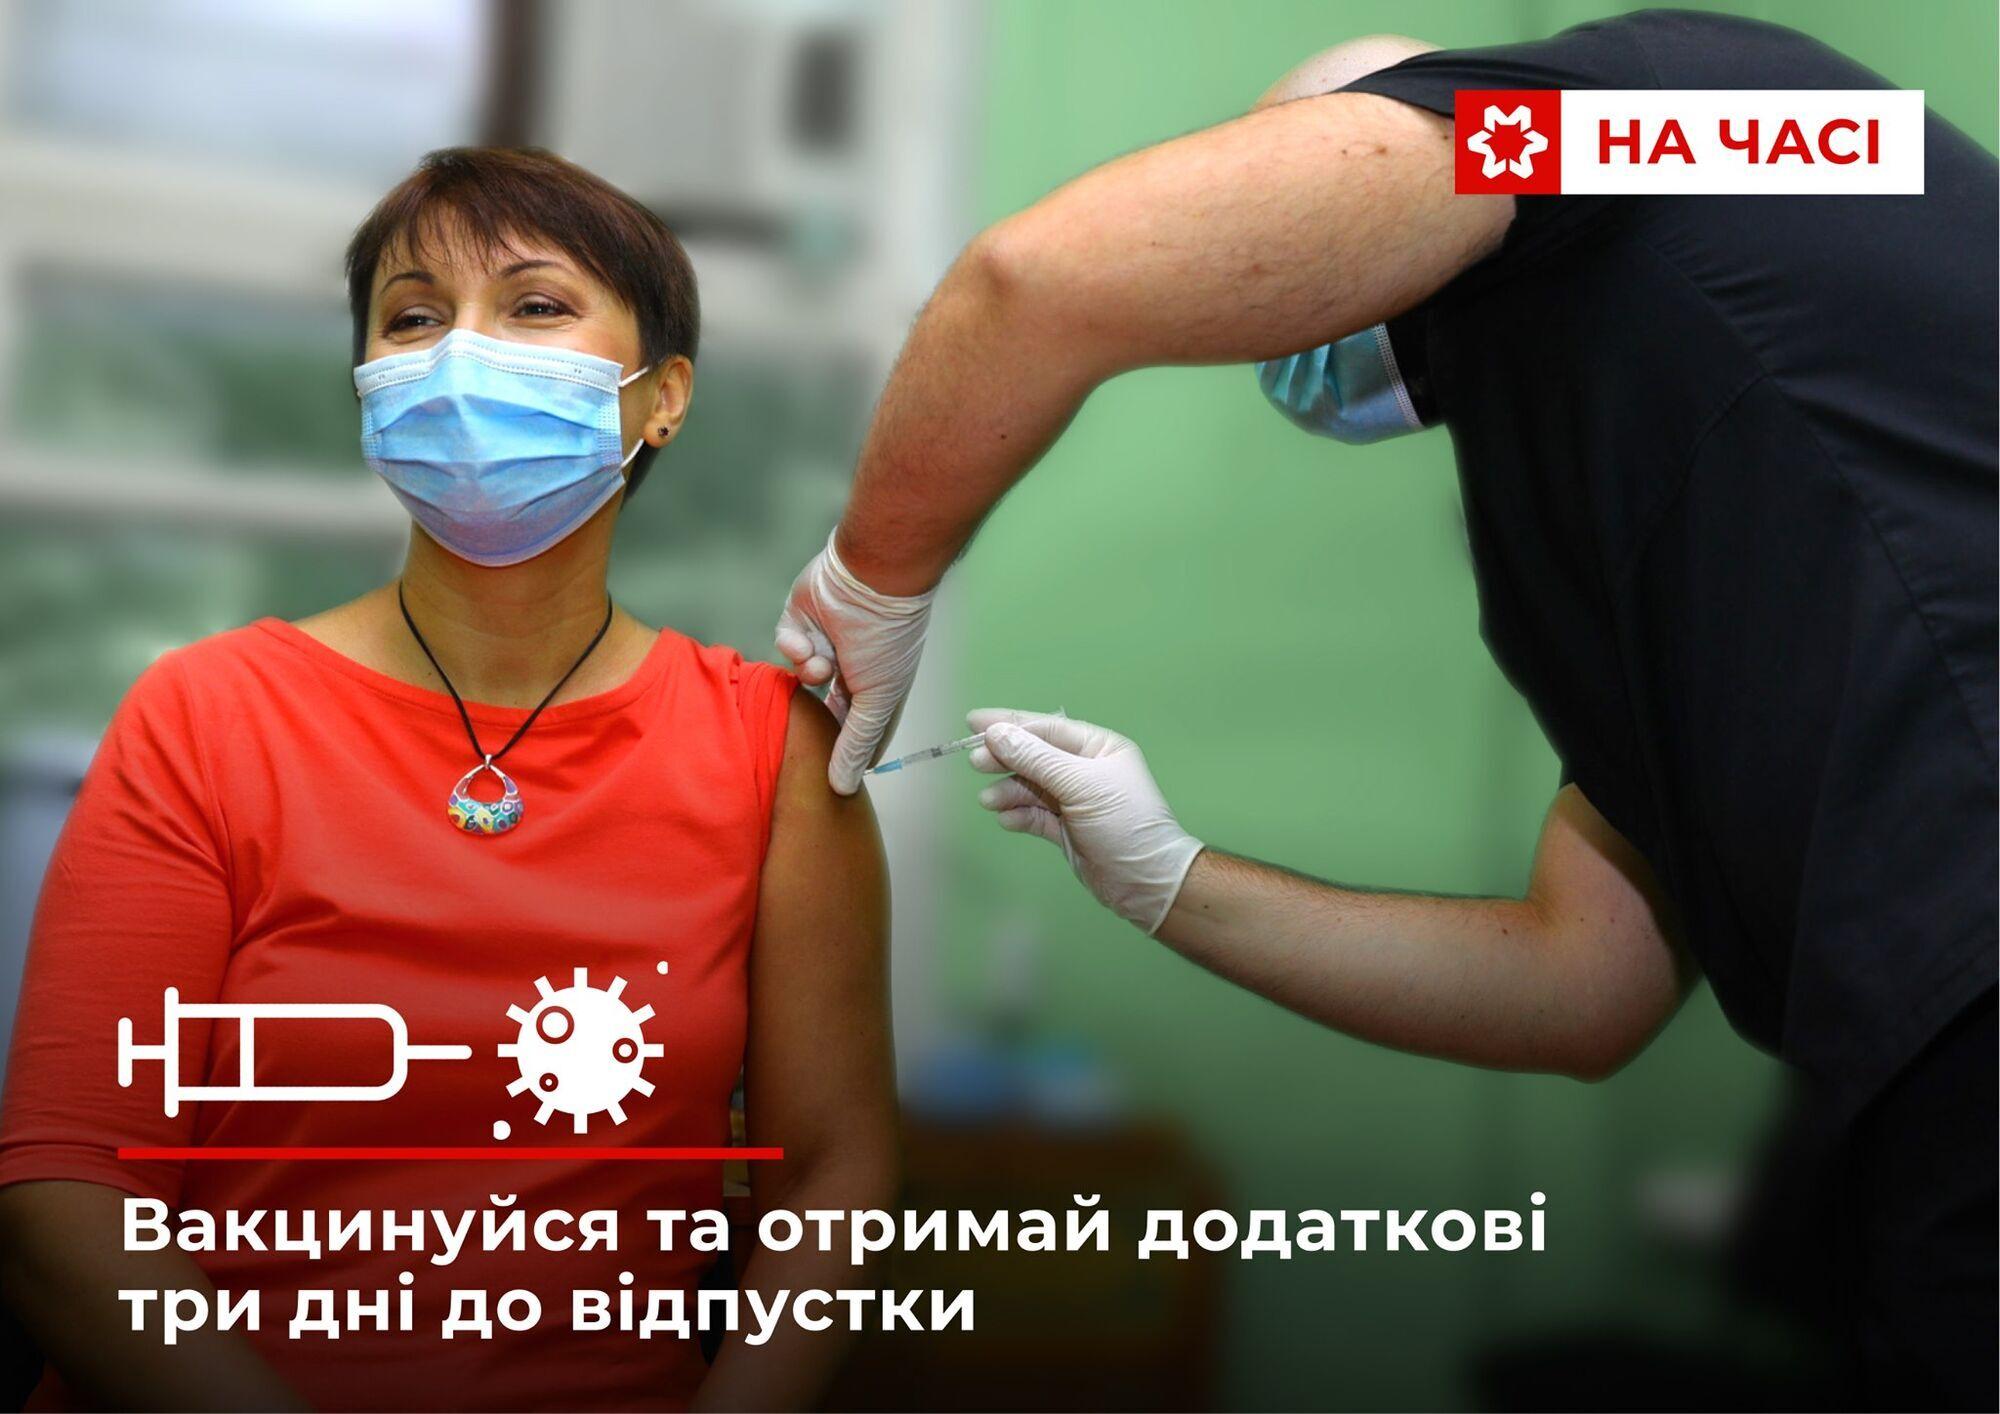 """""""Метінвест"""" додасть три дні до відпустки повністю вакцинованим співробітникам"""